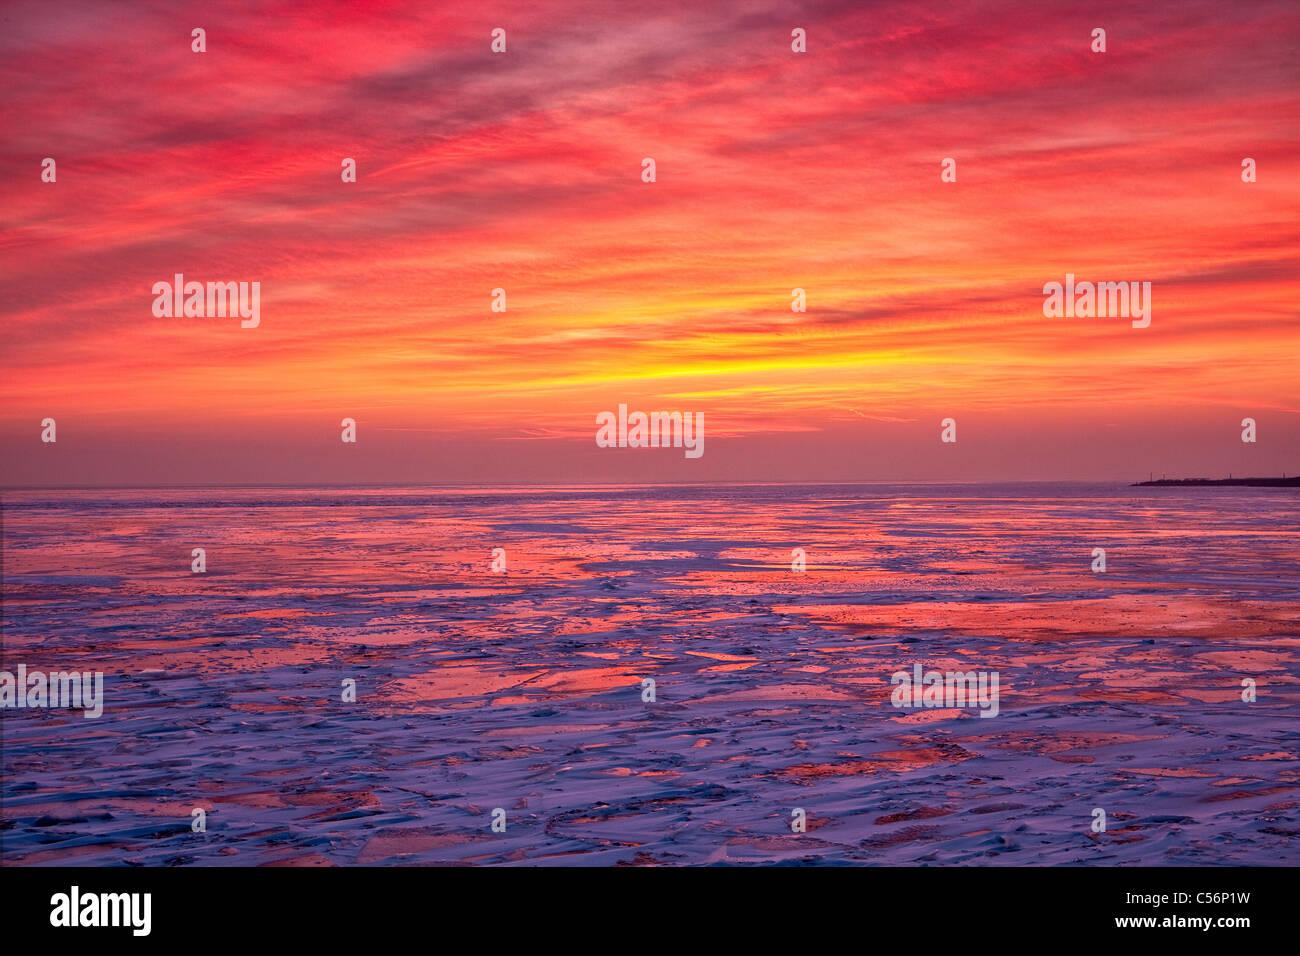 I Paesi Bassi, Oosterdijk, inverno, neve vista sul lago ghiacciato chiamato IJsselmeer. Sunrise. Immagini Stock